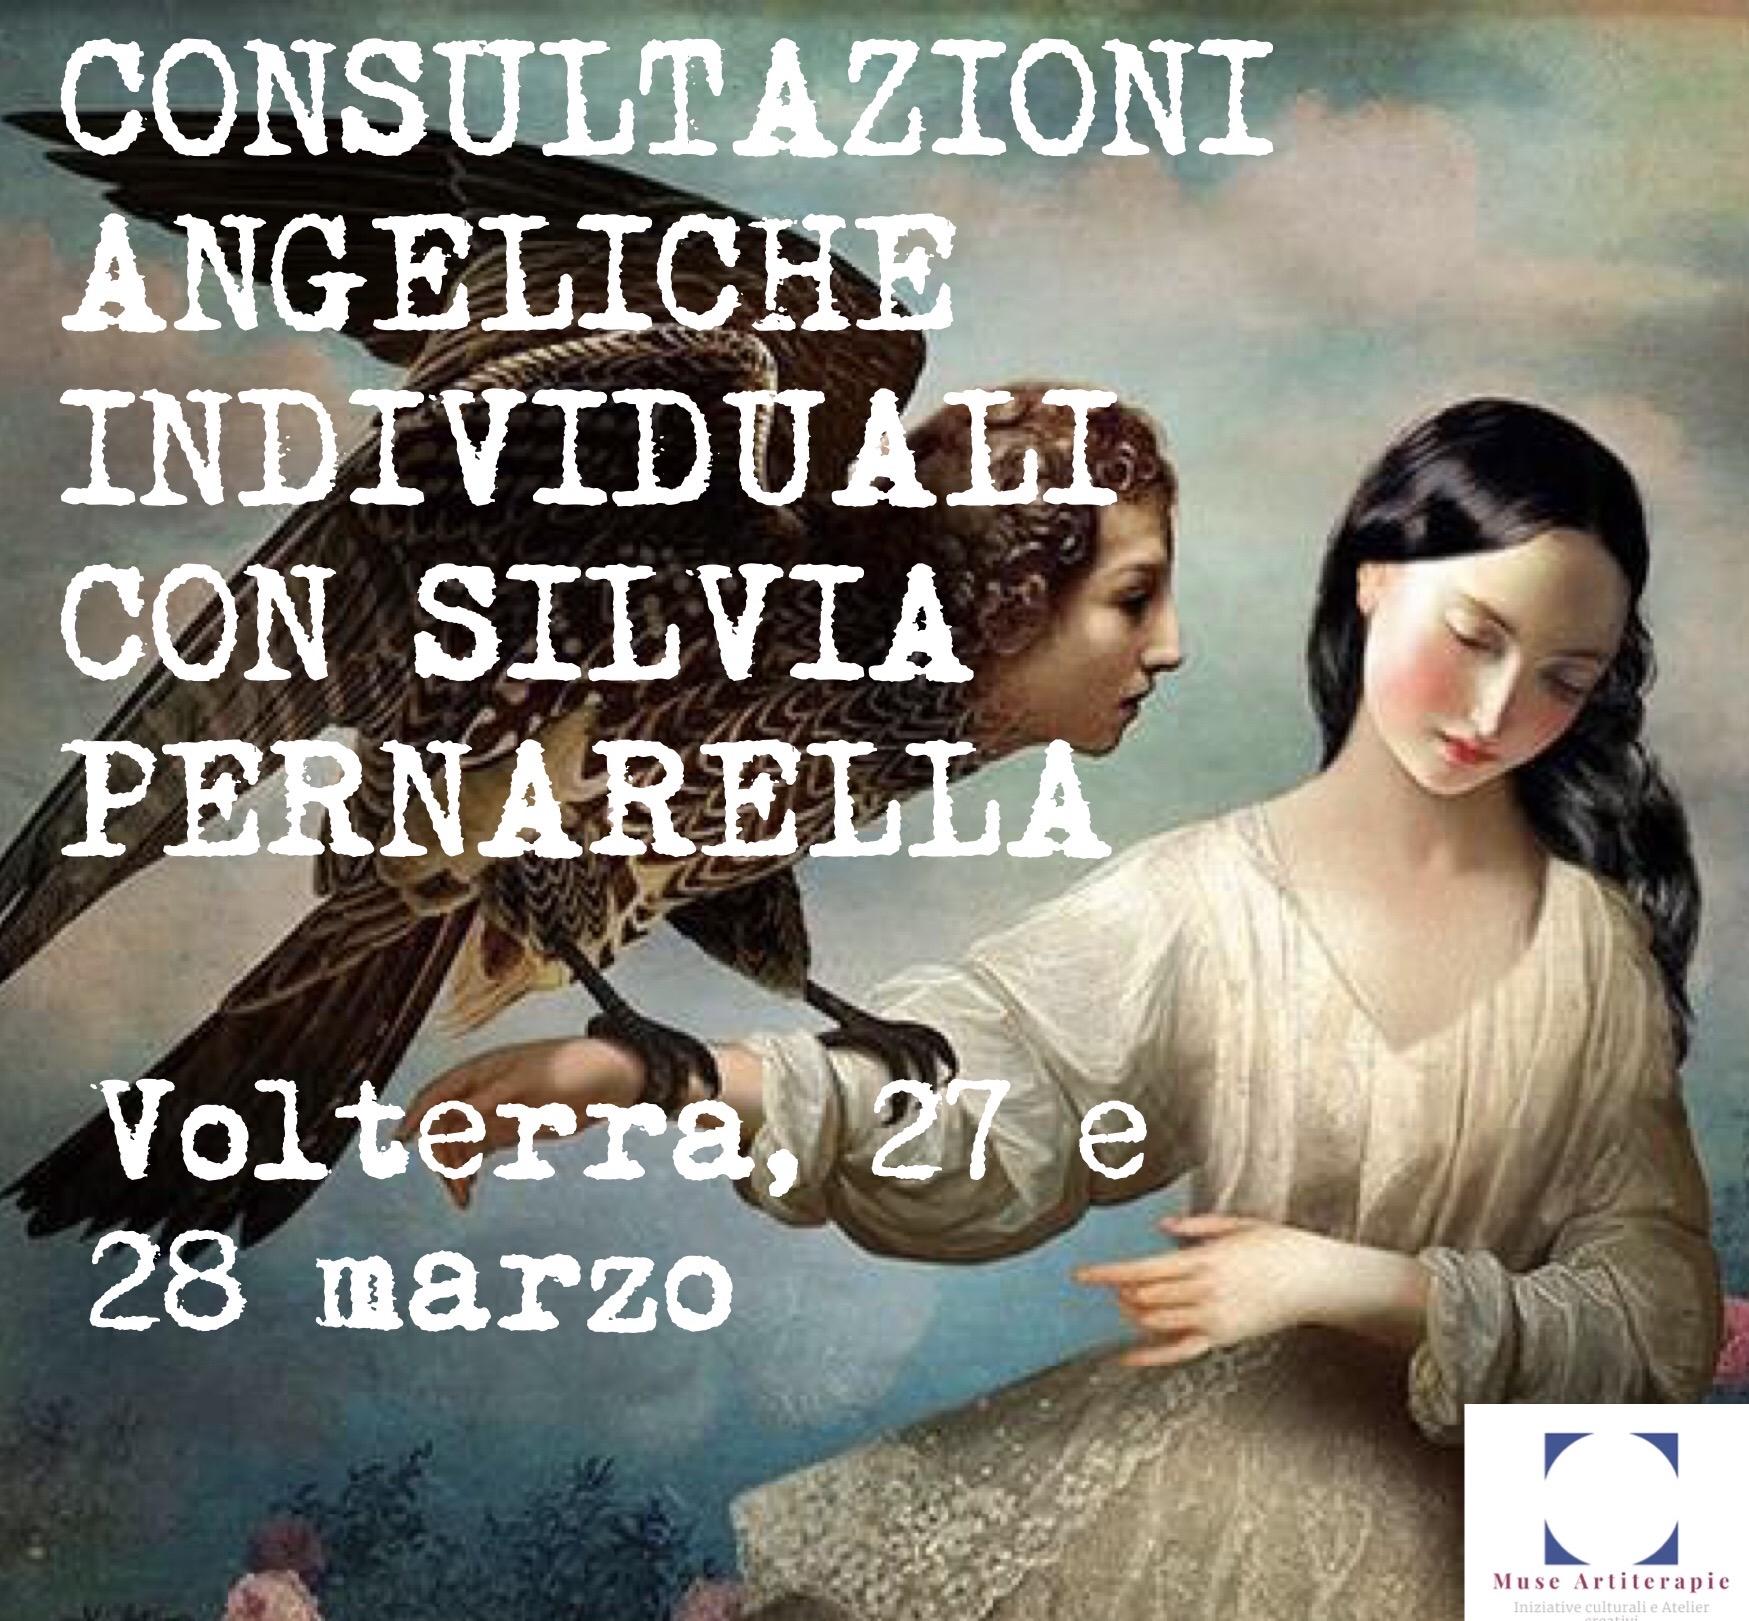 Consultazioni individuali con Silvia Pernarella